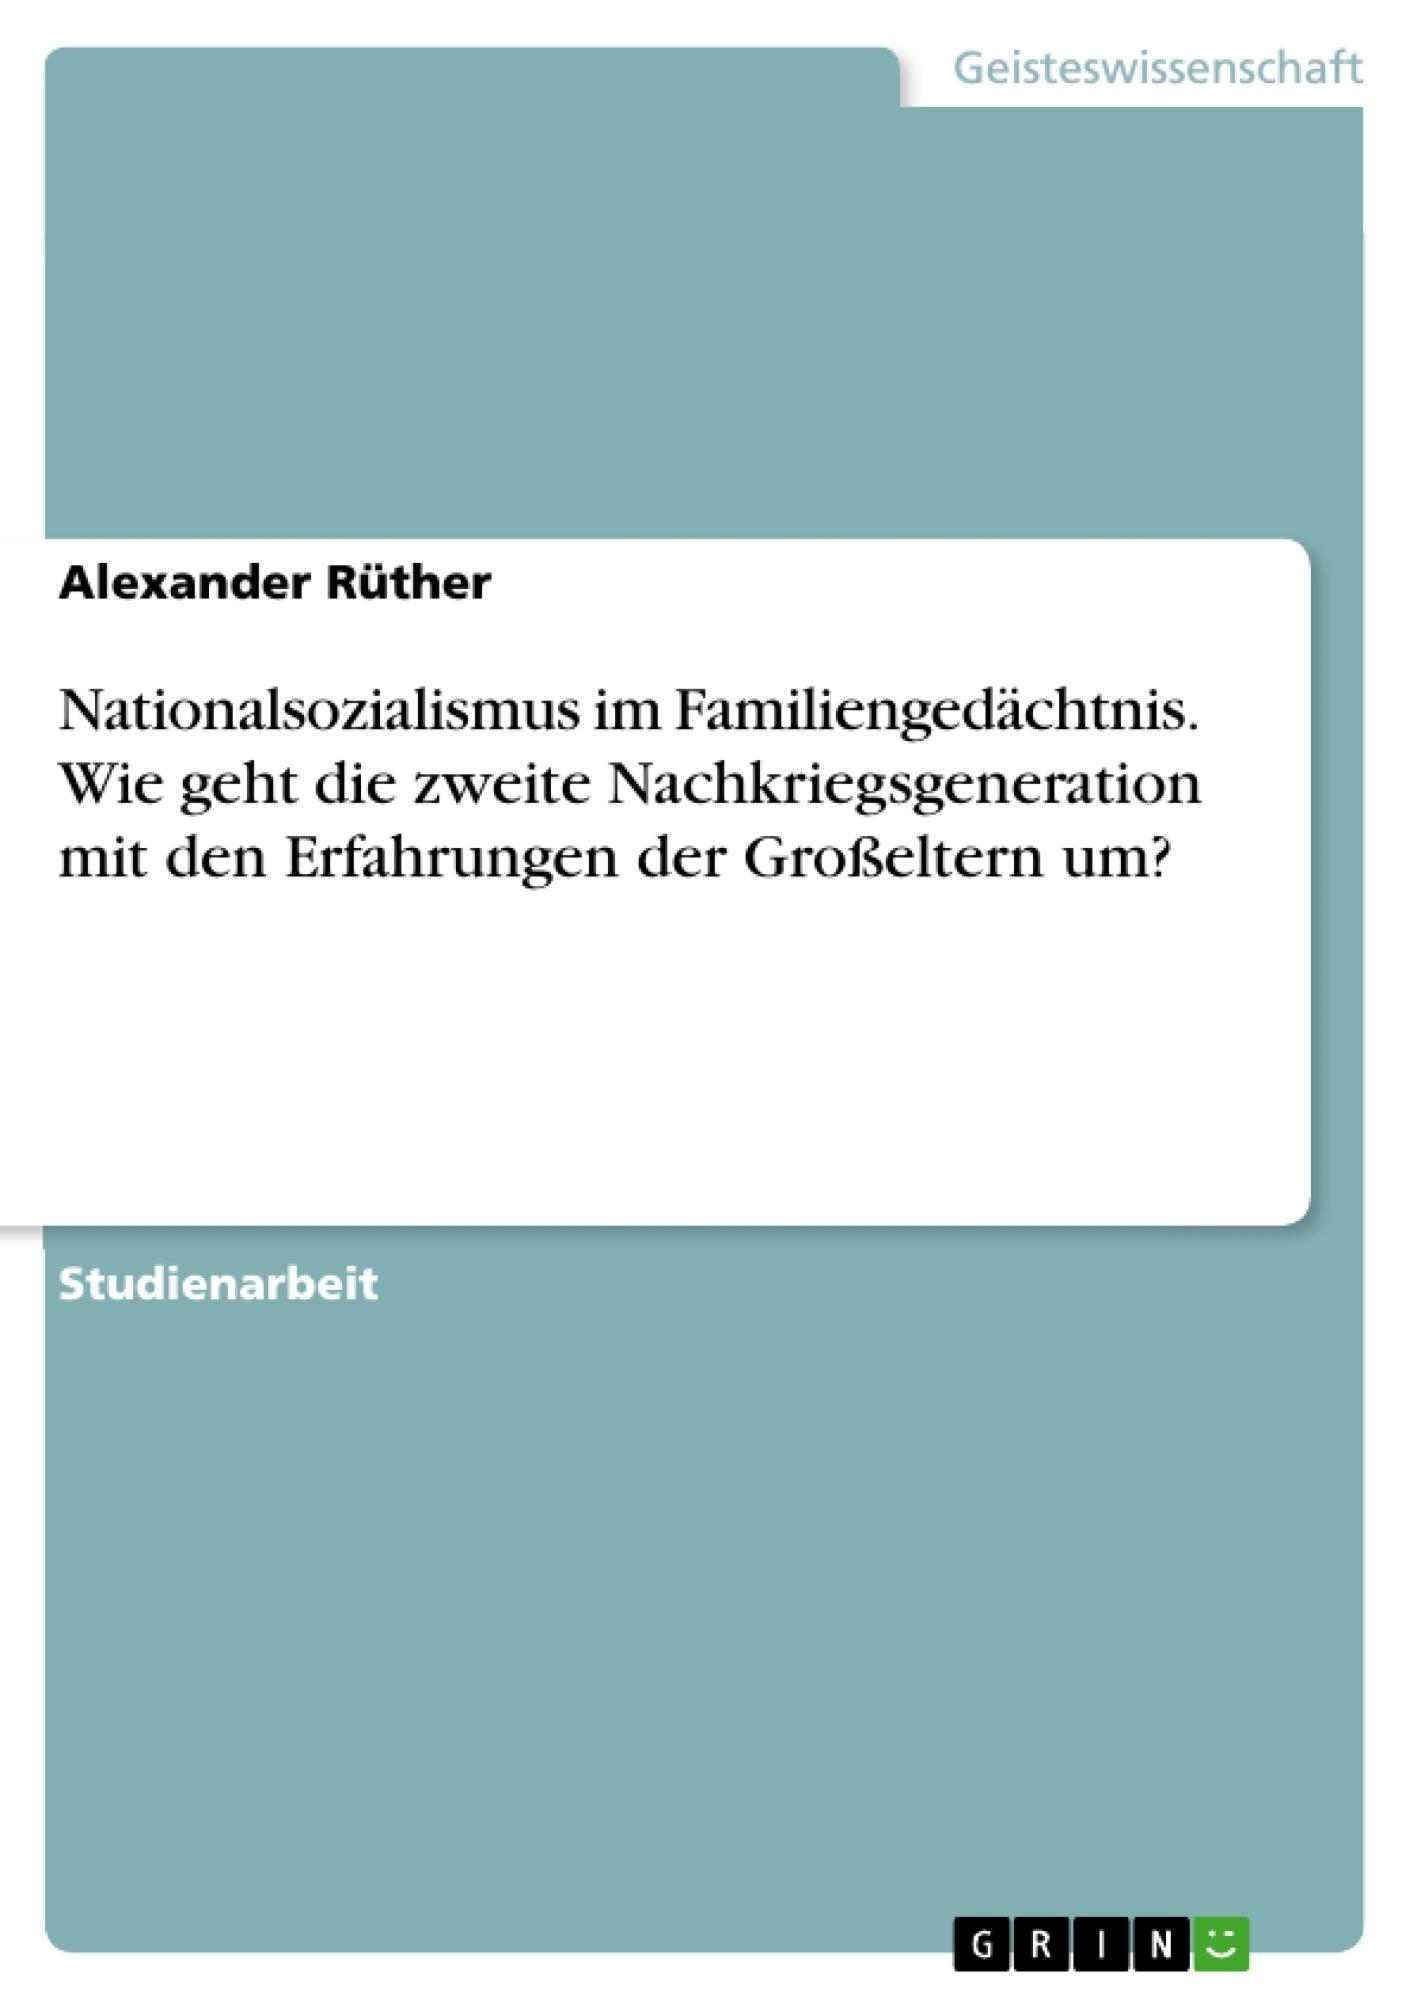 Titel: Nationalsozialismus im Familiengedächtnis.  Wie geht die zweite Nachkriegsgeneration mit den Erfahrungen der Großeltern um?